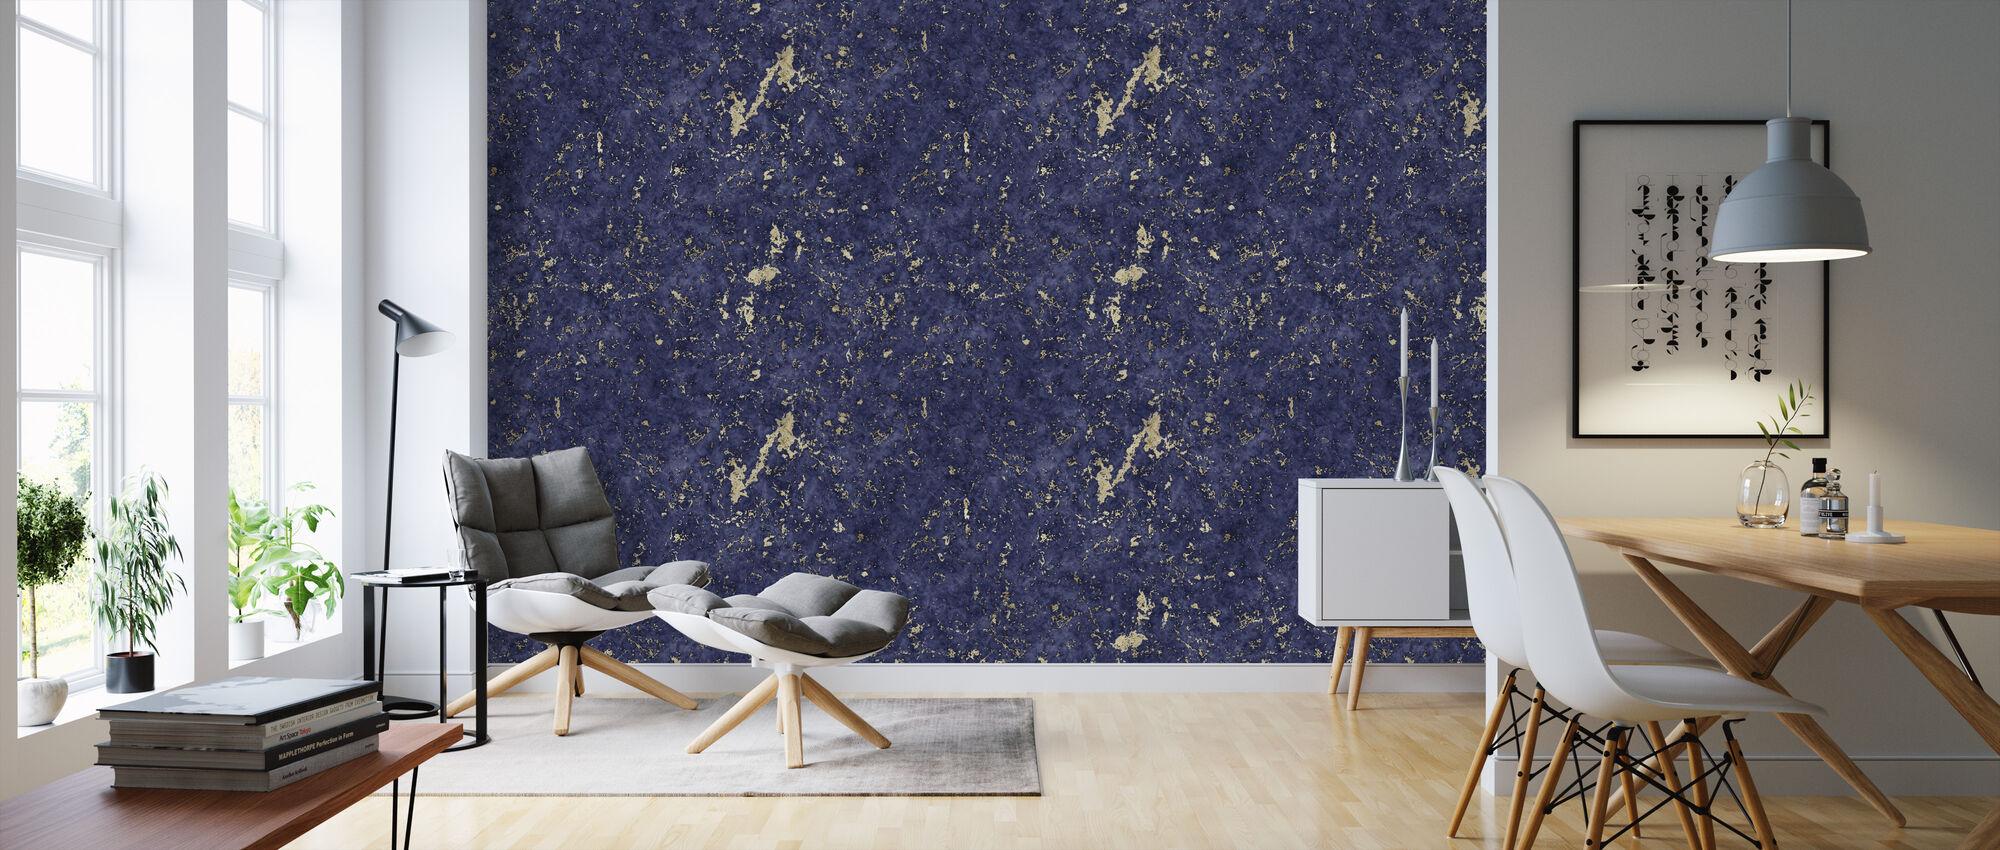 Marble Blue Damasco Gold - Wallpaper - Living Room